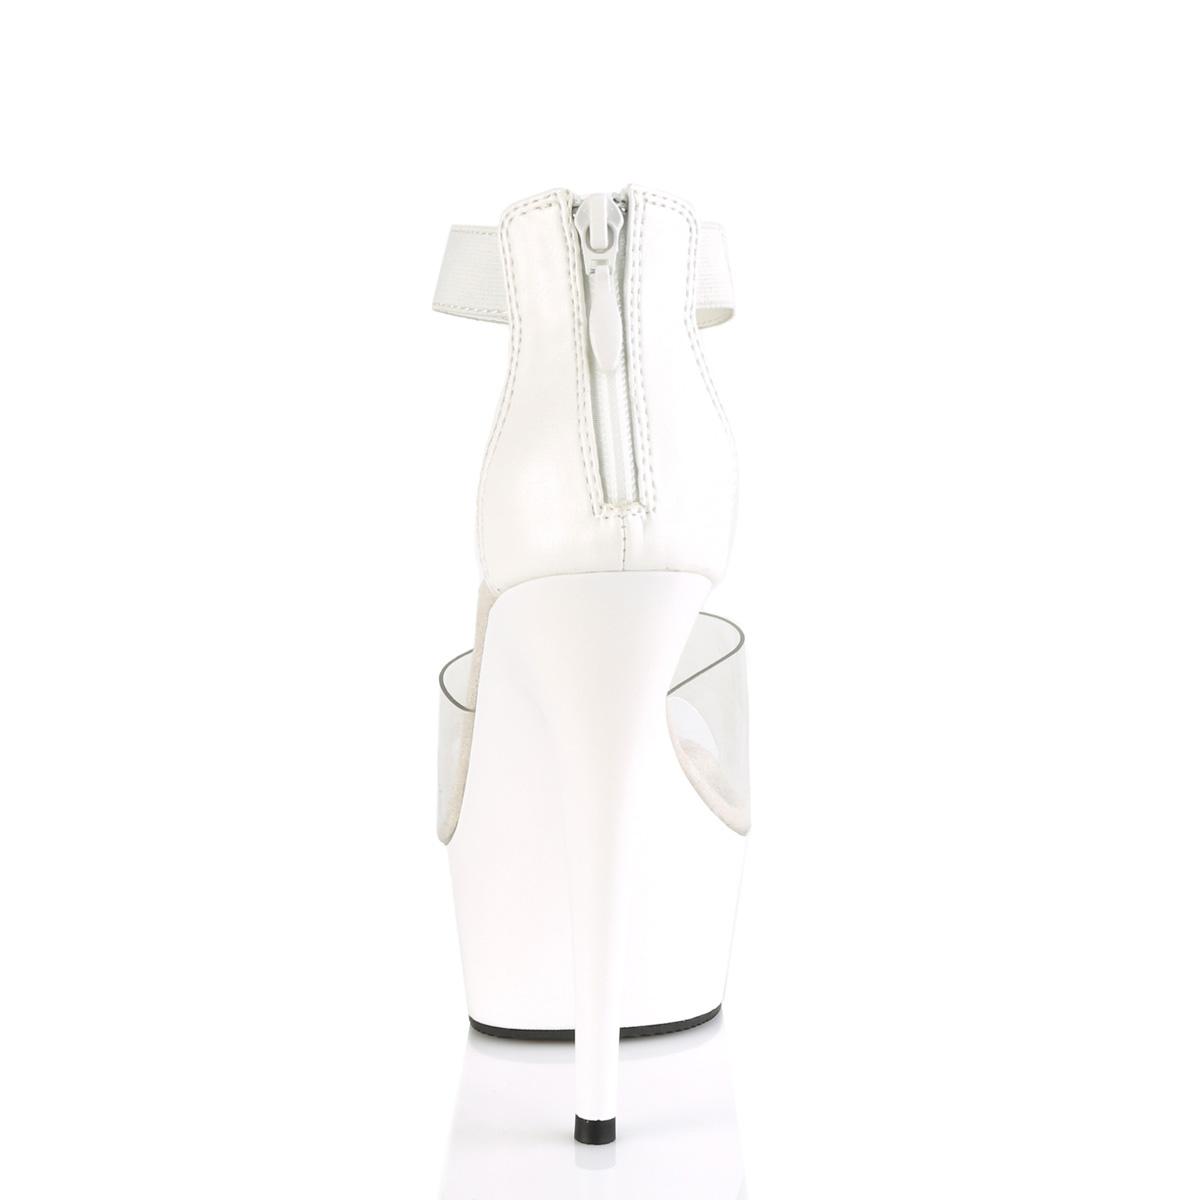 Pleaser(プリーザー) DELIGHT-624 クローズバックアンクルストラップサンダル バックジップ クリア/白◆取り寄せ